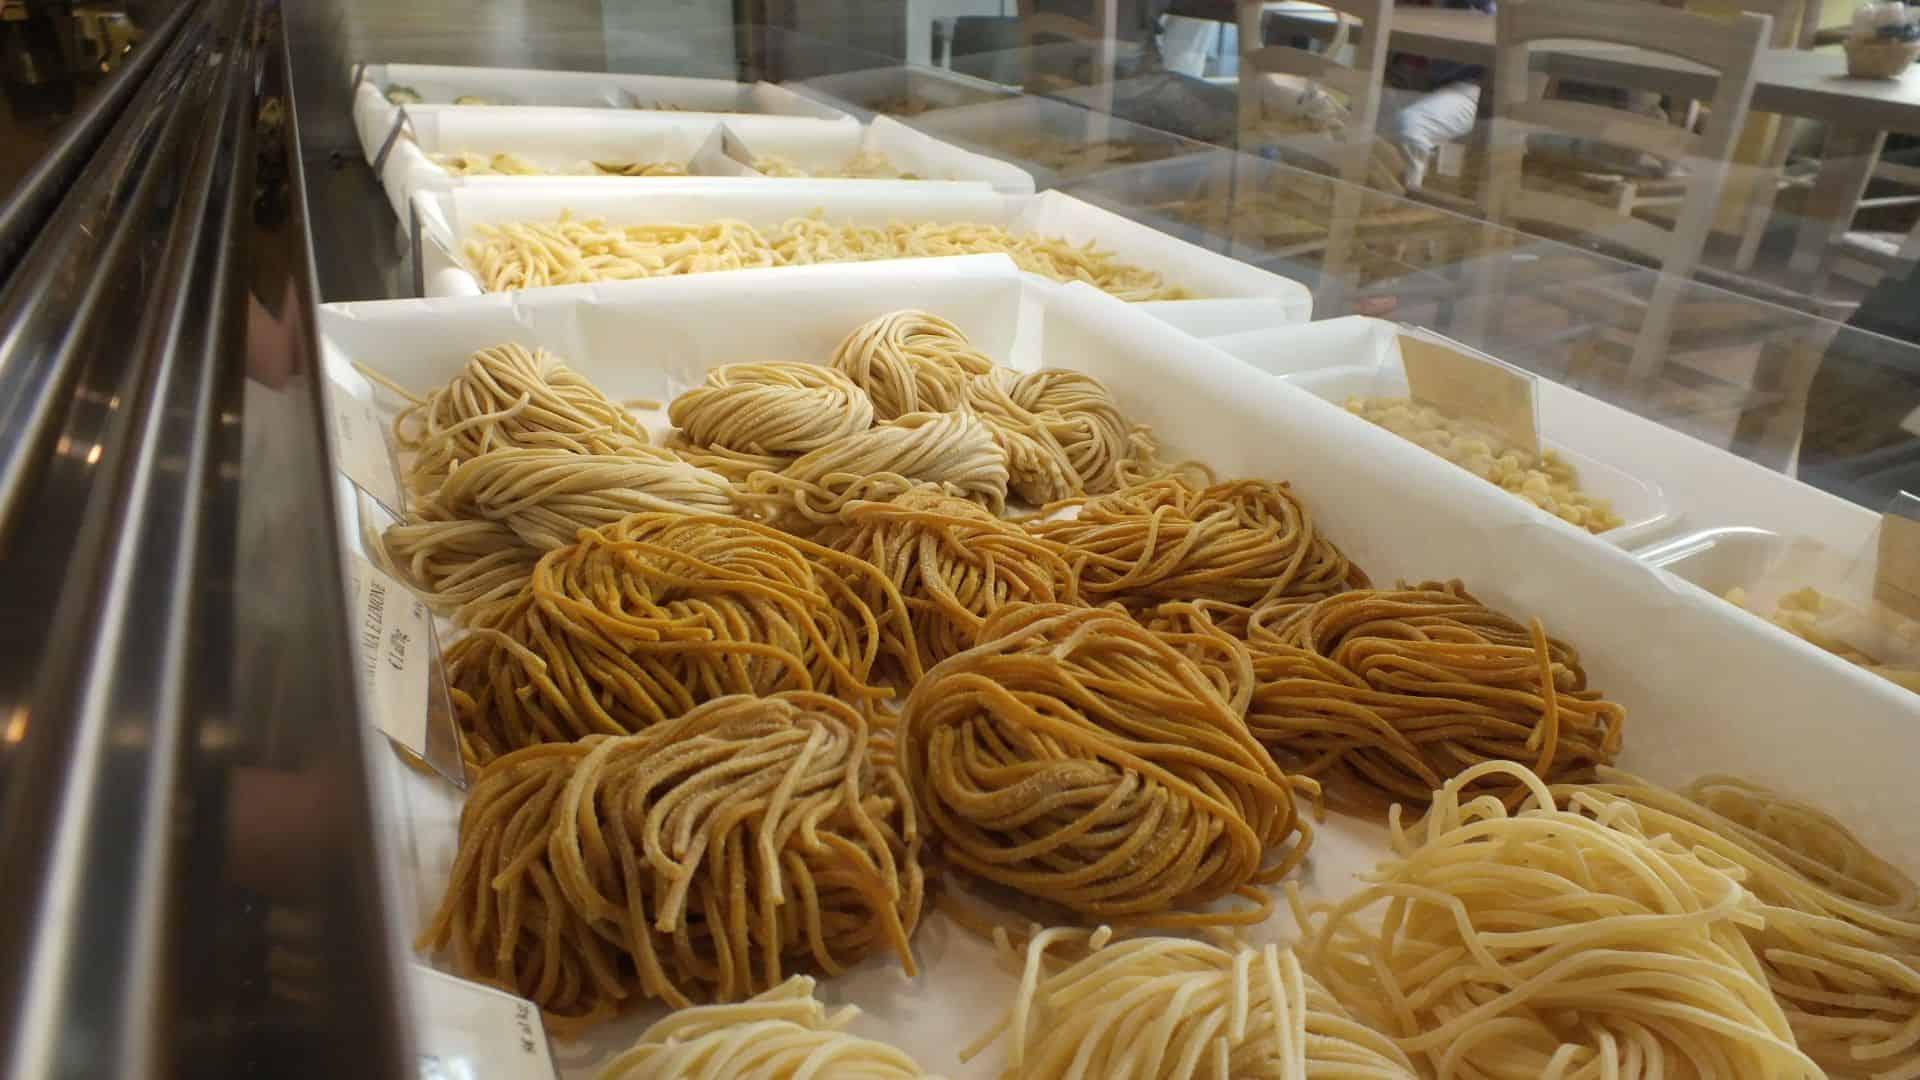 Platina dove mangiare pasta fresca milano for Marchi di pasta da non mangiare